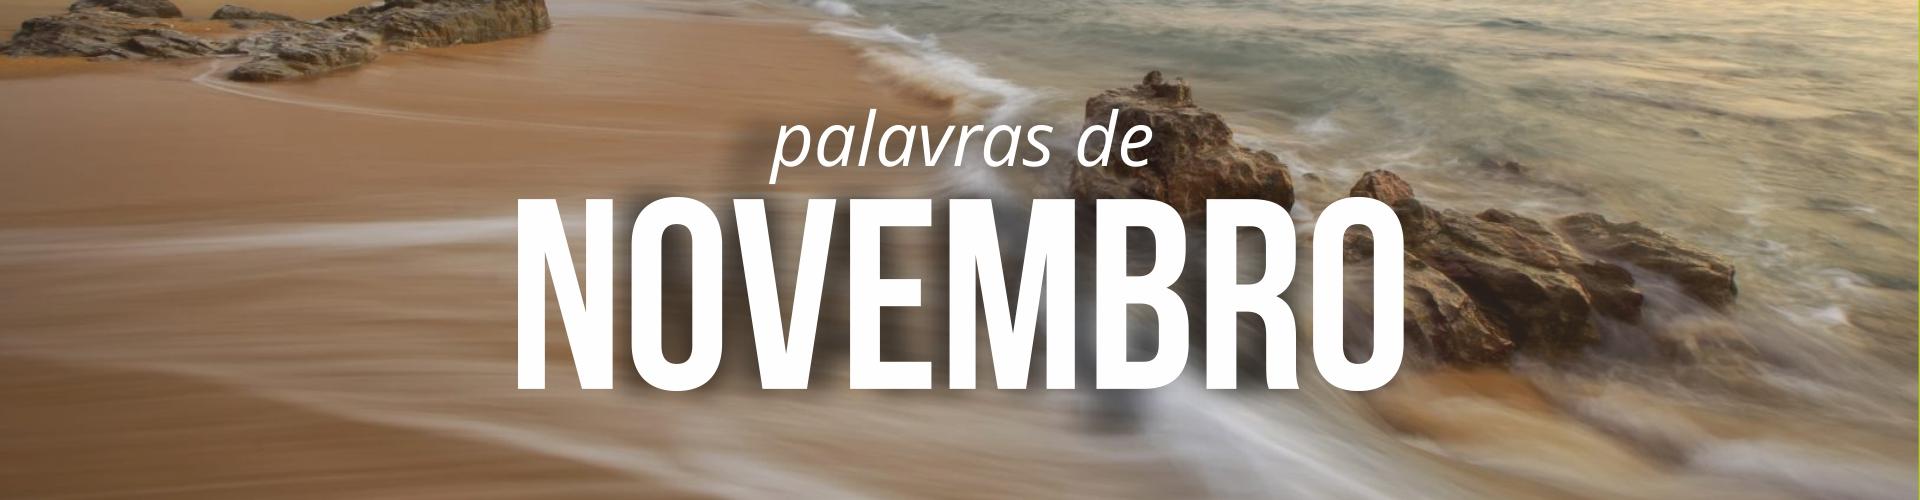 banner-novembro